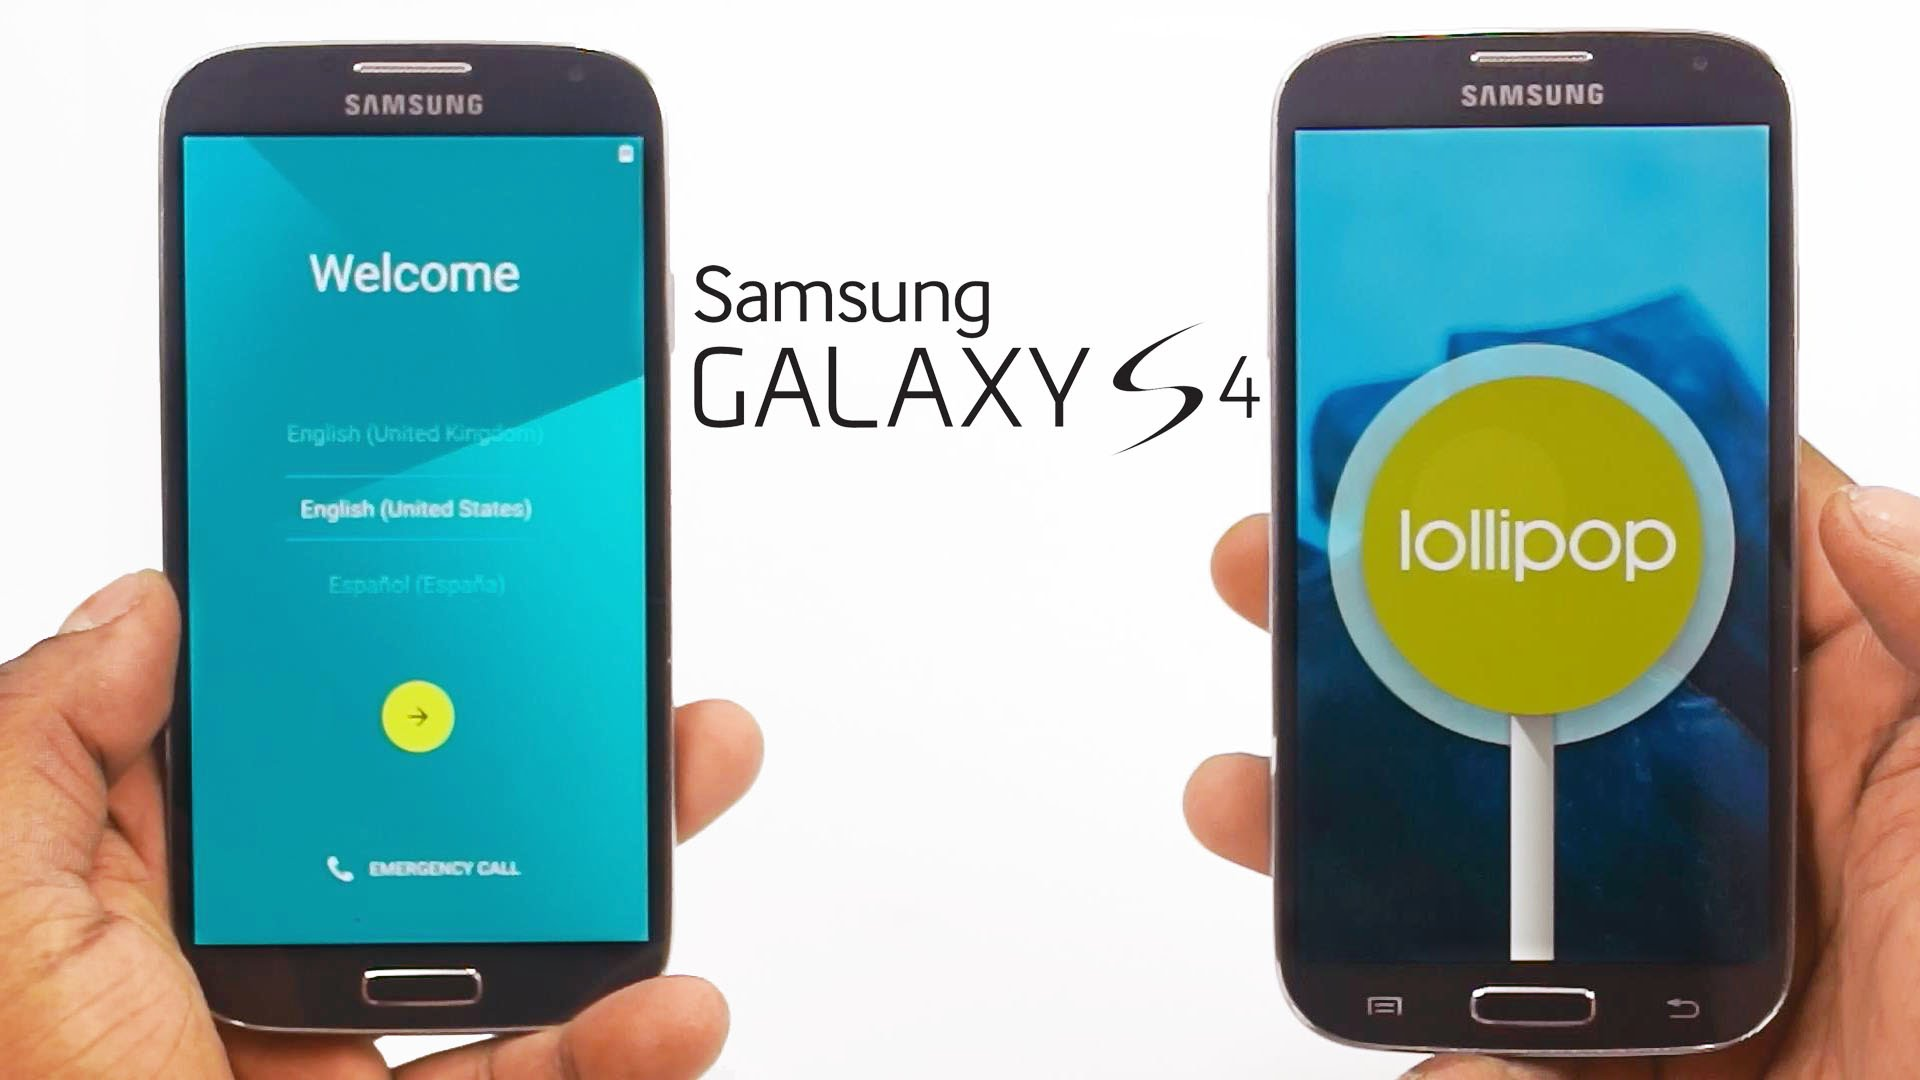 Samsung GT-i9515 Galaxy S4 riceve l'aggiornamento ad Android Lollipop 5.0